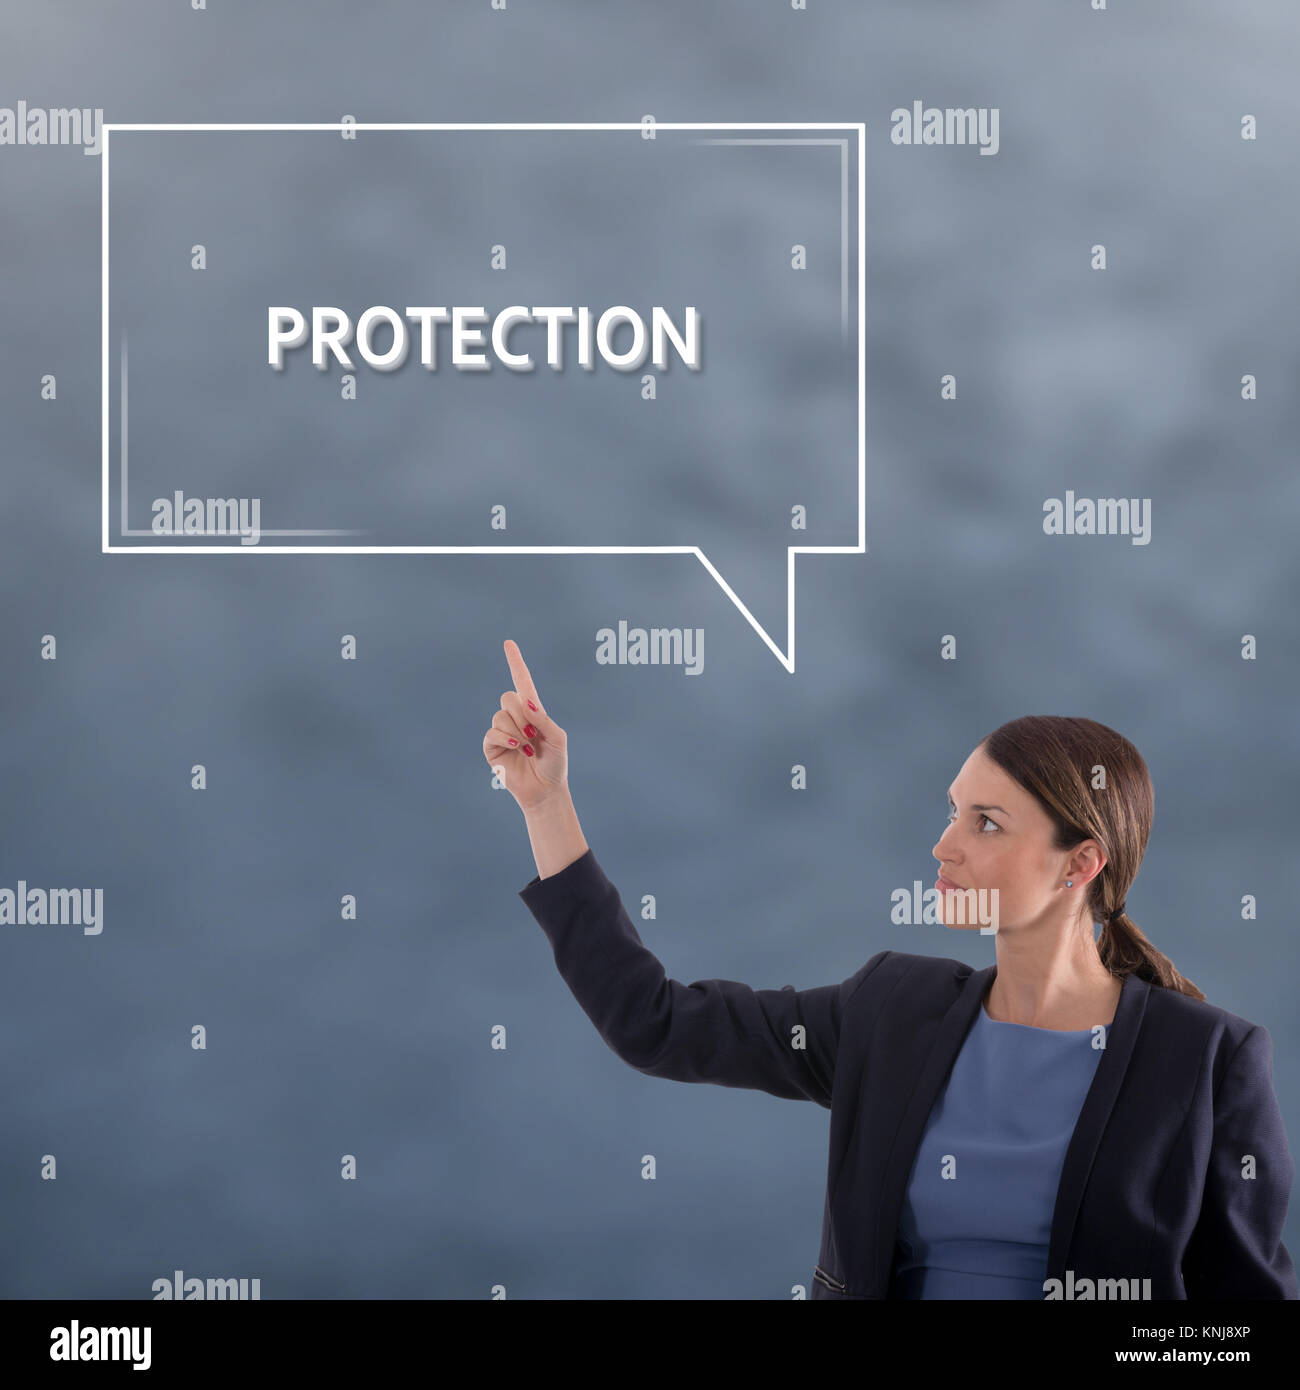 Concepto de negocio de protección. Mujer de negocios Concepto Gráfico Imagen De Stock